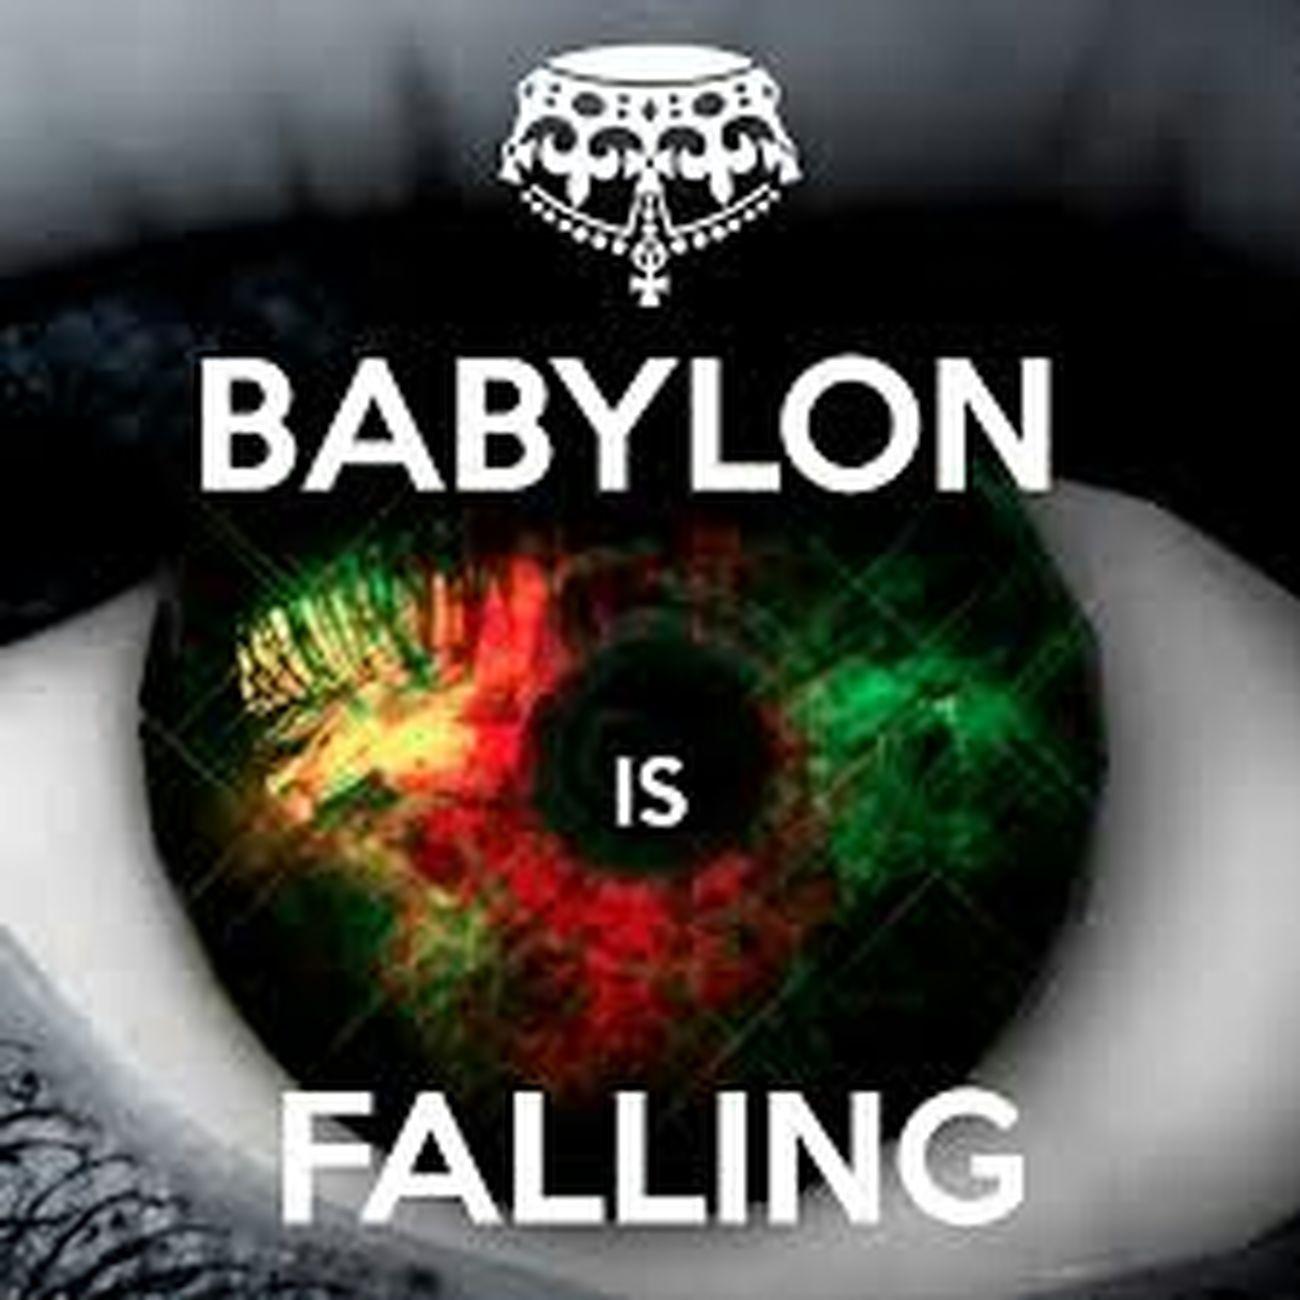 Babylonisfalling